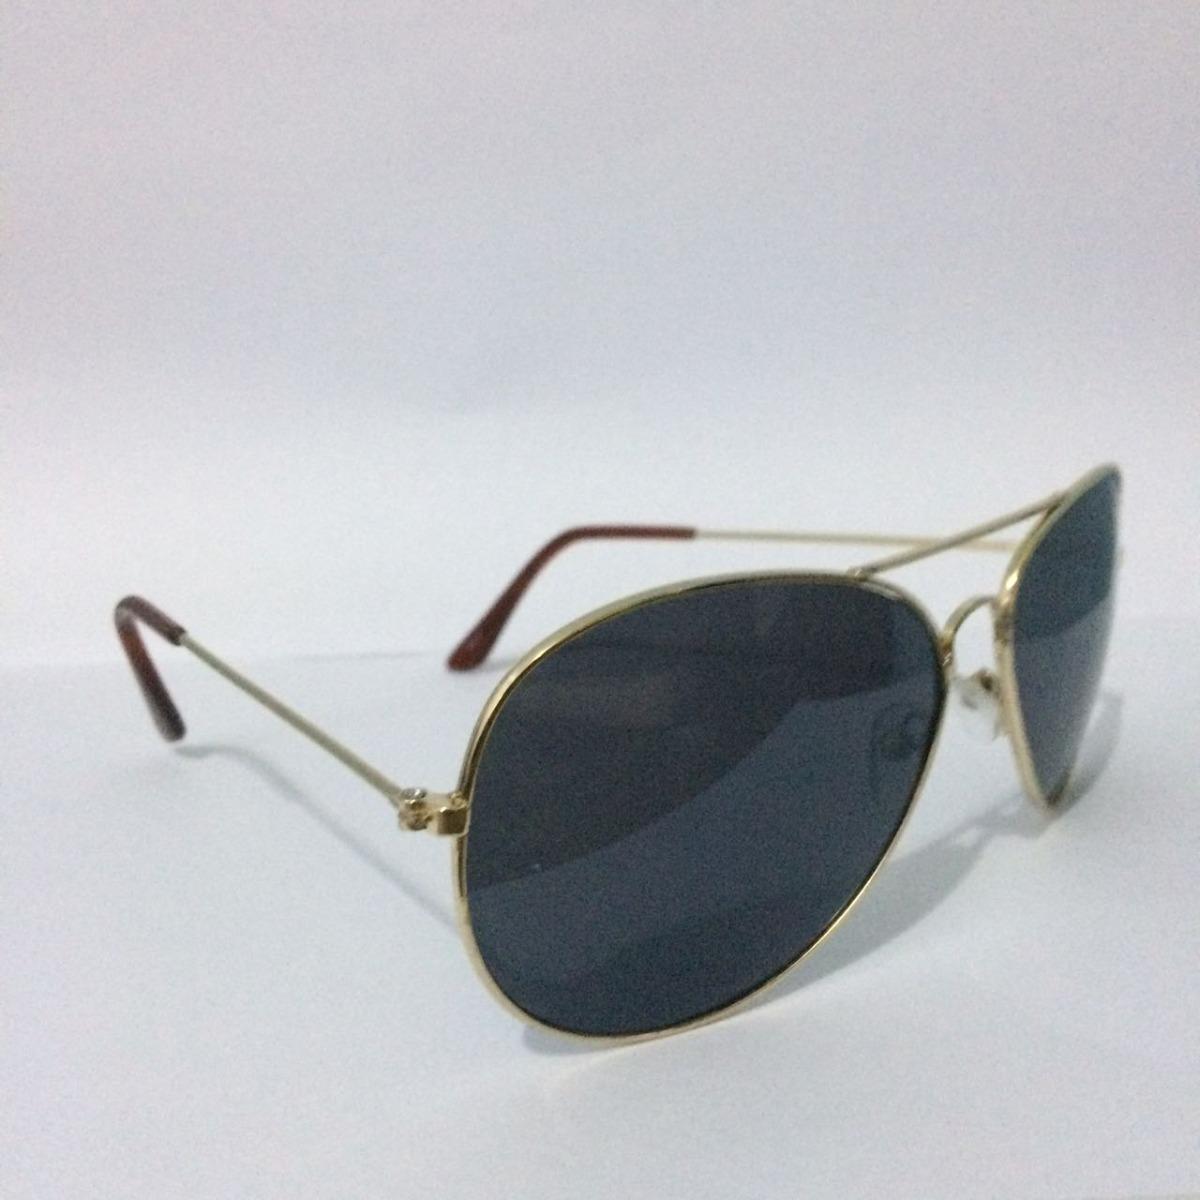 610fdecdf7ec6 óculos de sol feminino masculino aviador armação dourada. Carregando zoom.